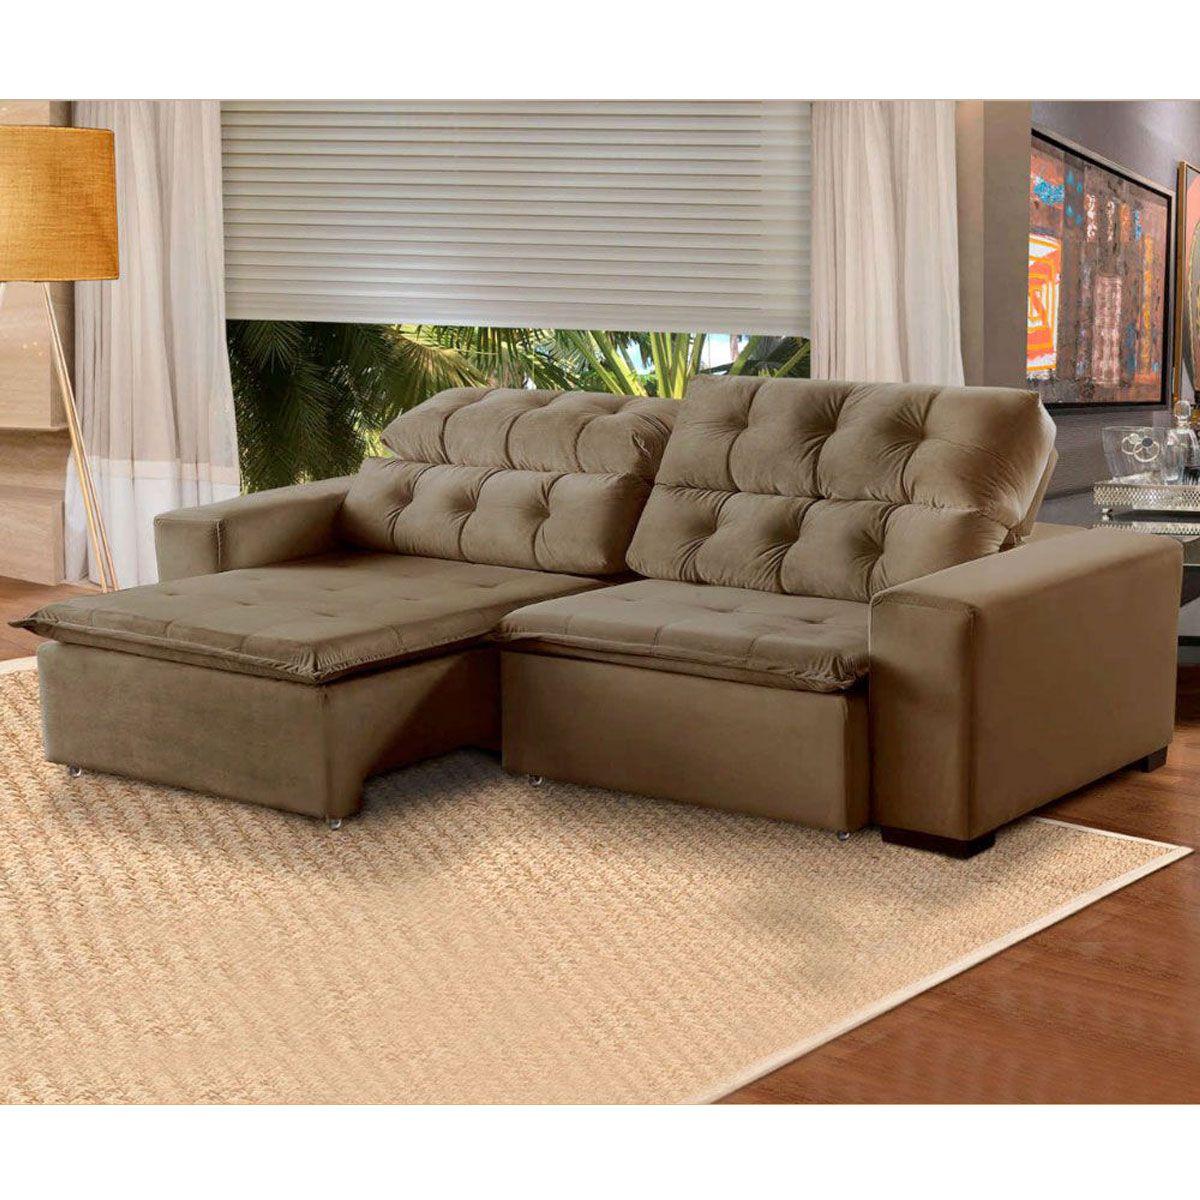 Sofá 6 Lugares Retrátil e Reclinável Alasca 290 Cm Pillow Veludo Marrom 512 MegaSul